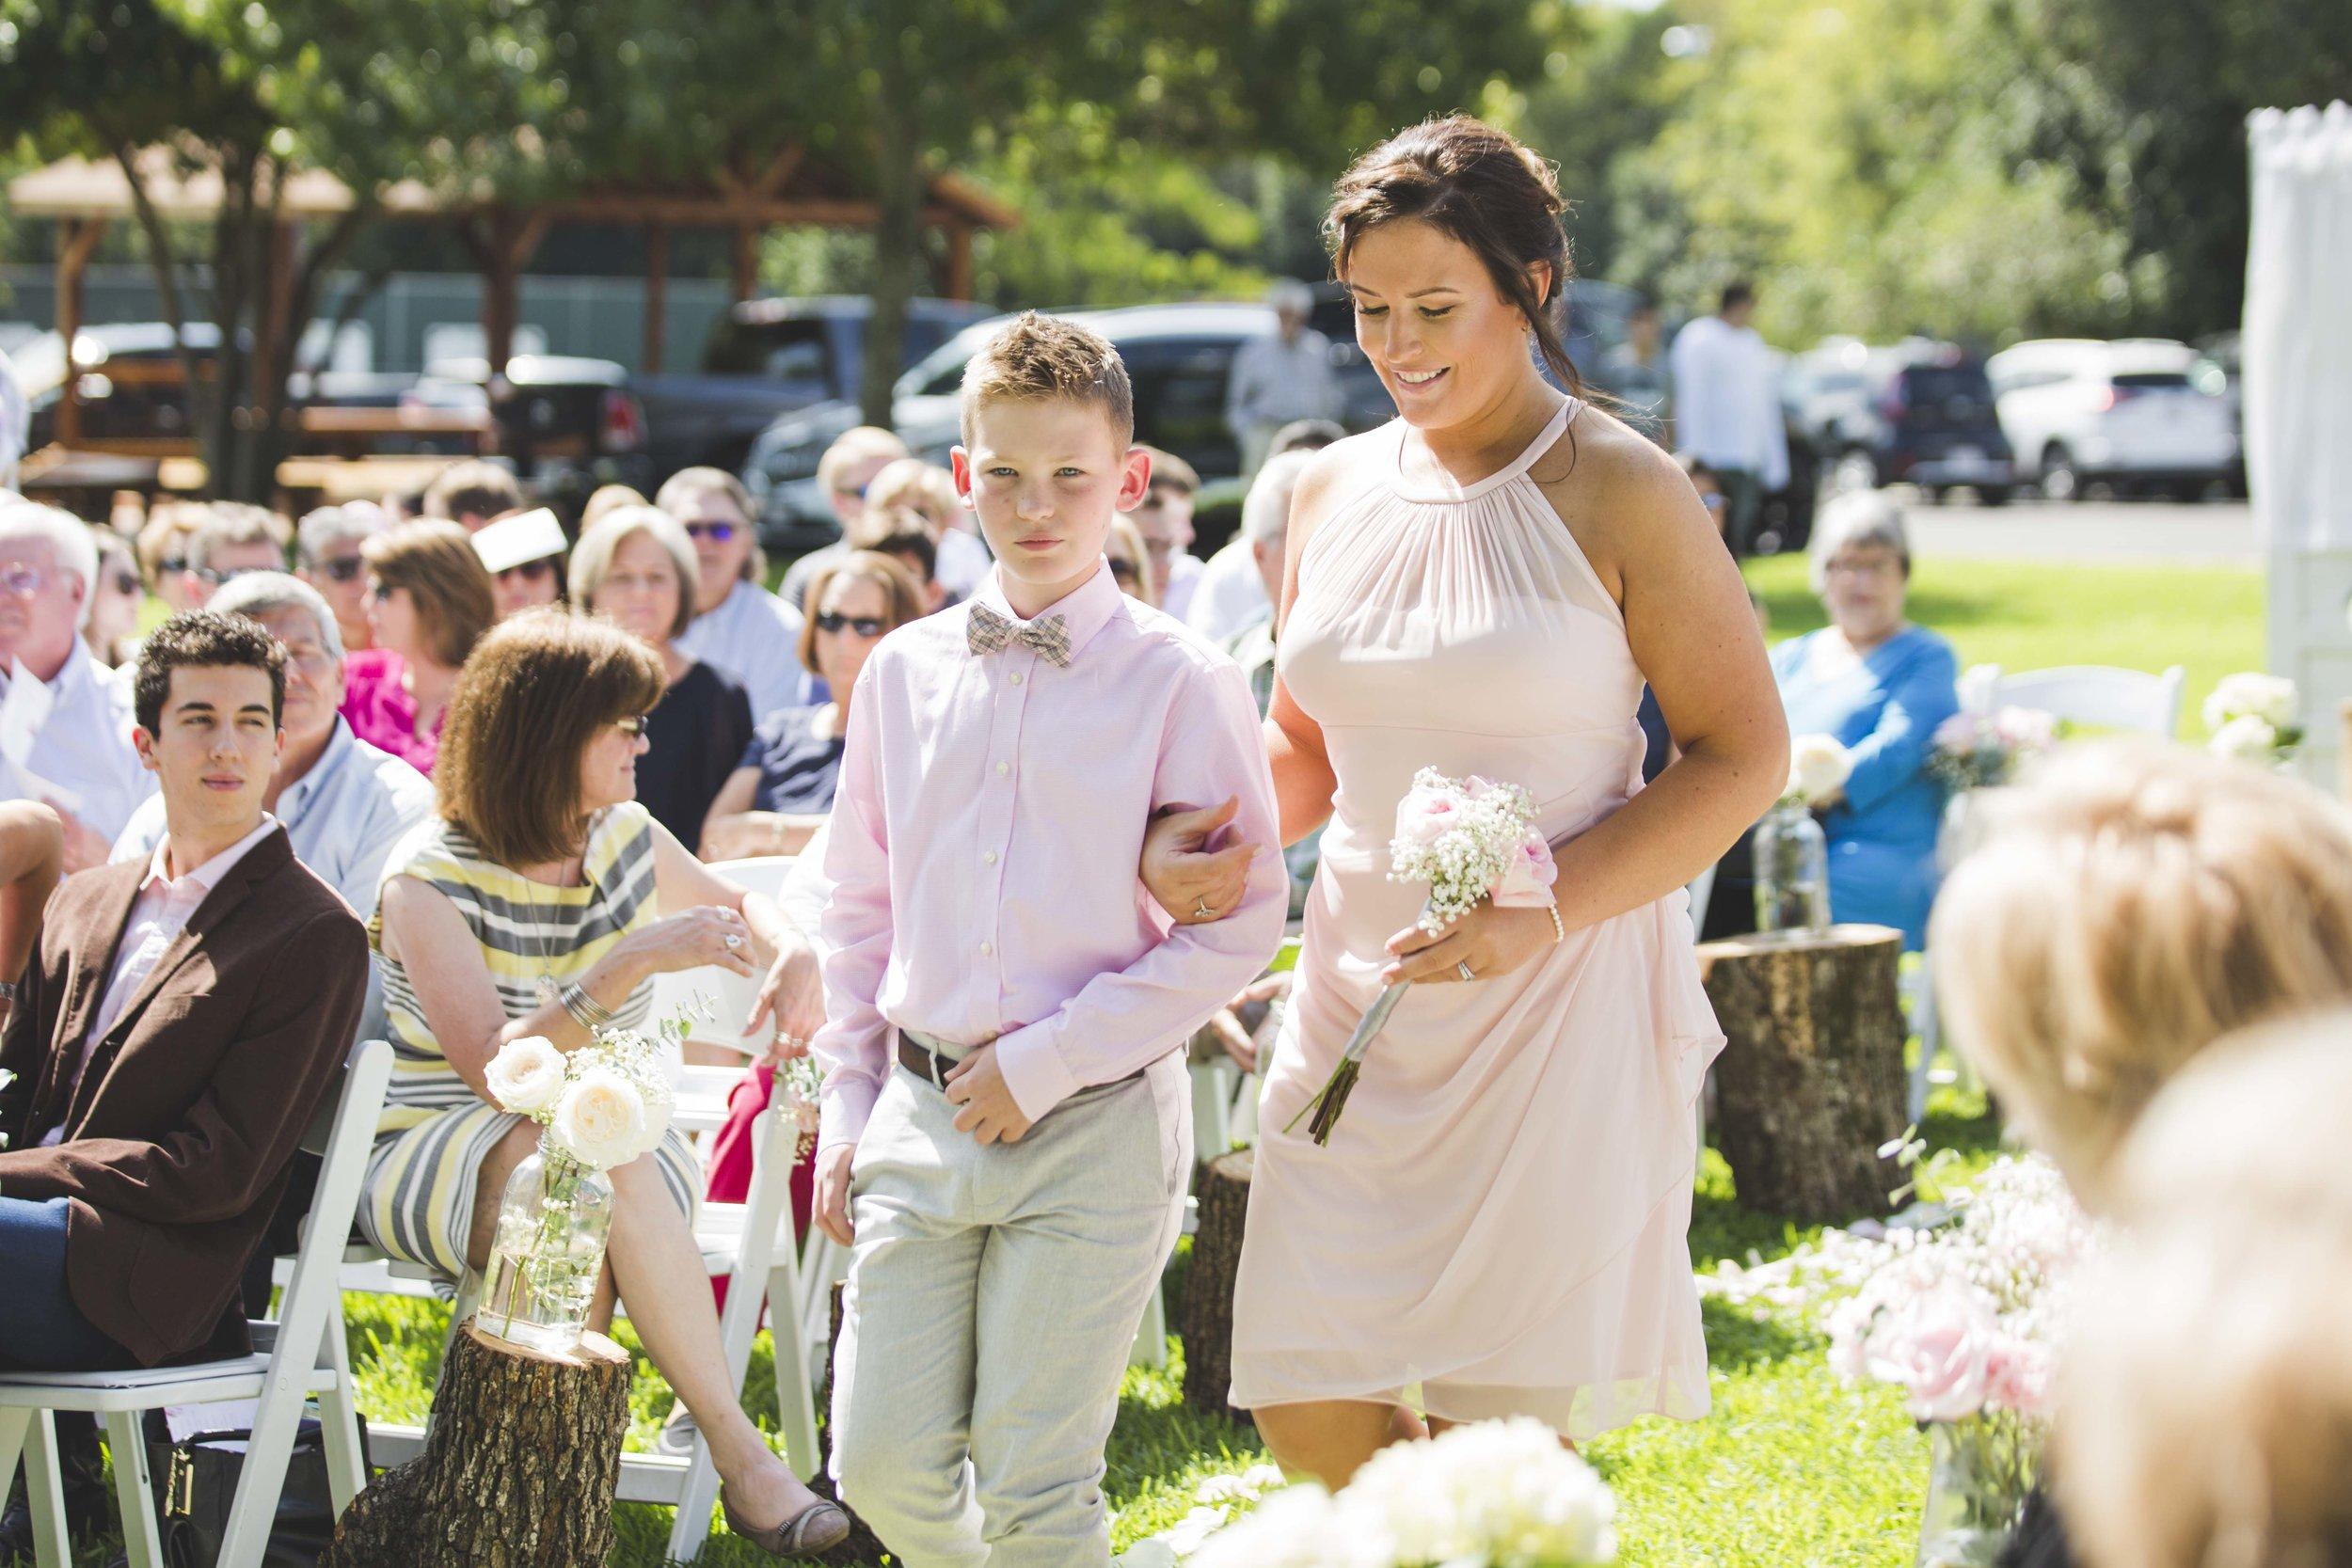 ATGI_Susanna & Matt Wedding_717A7517.jpg